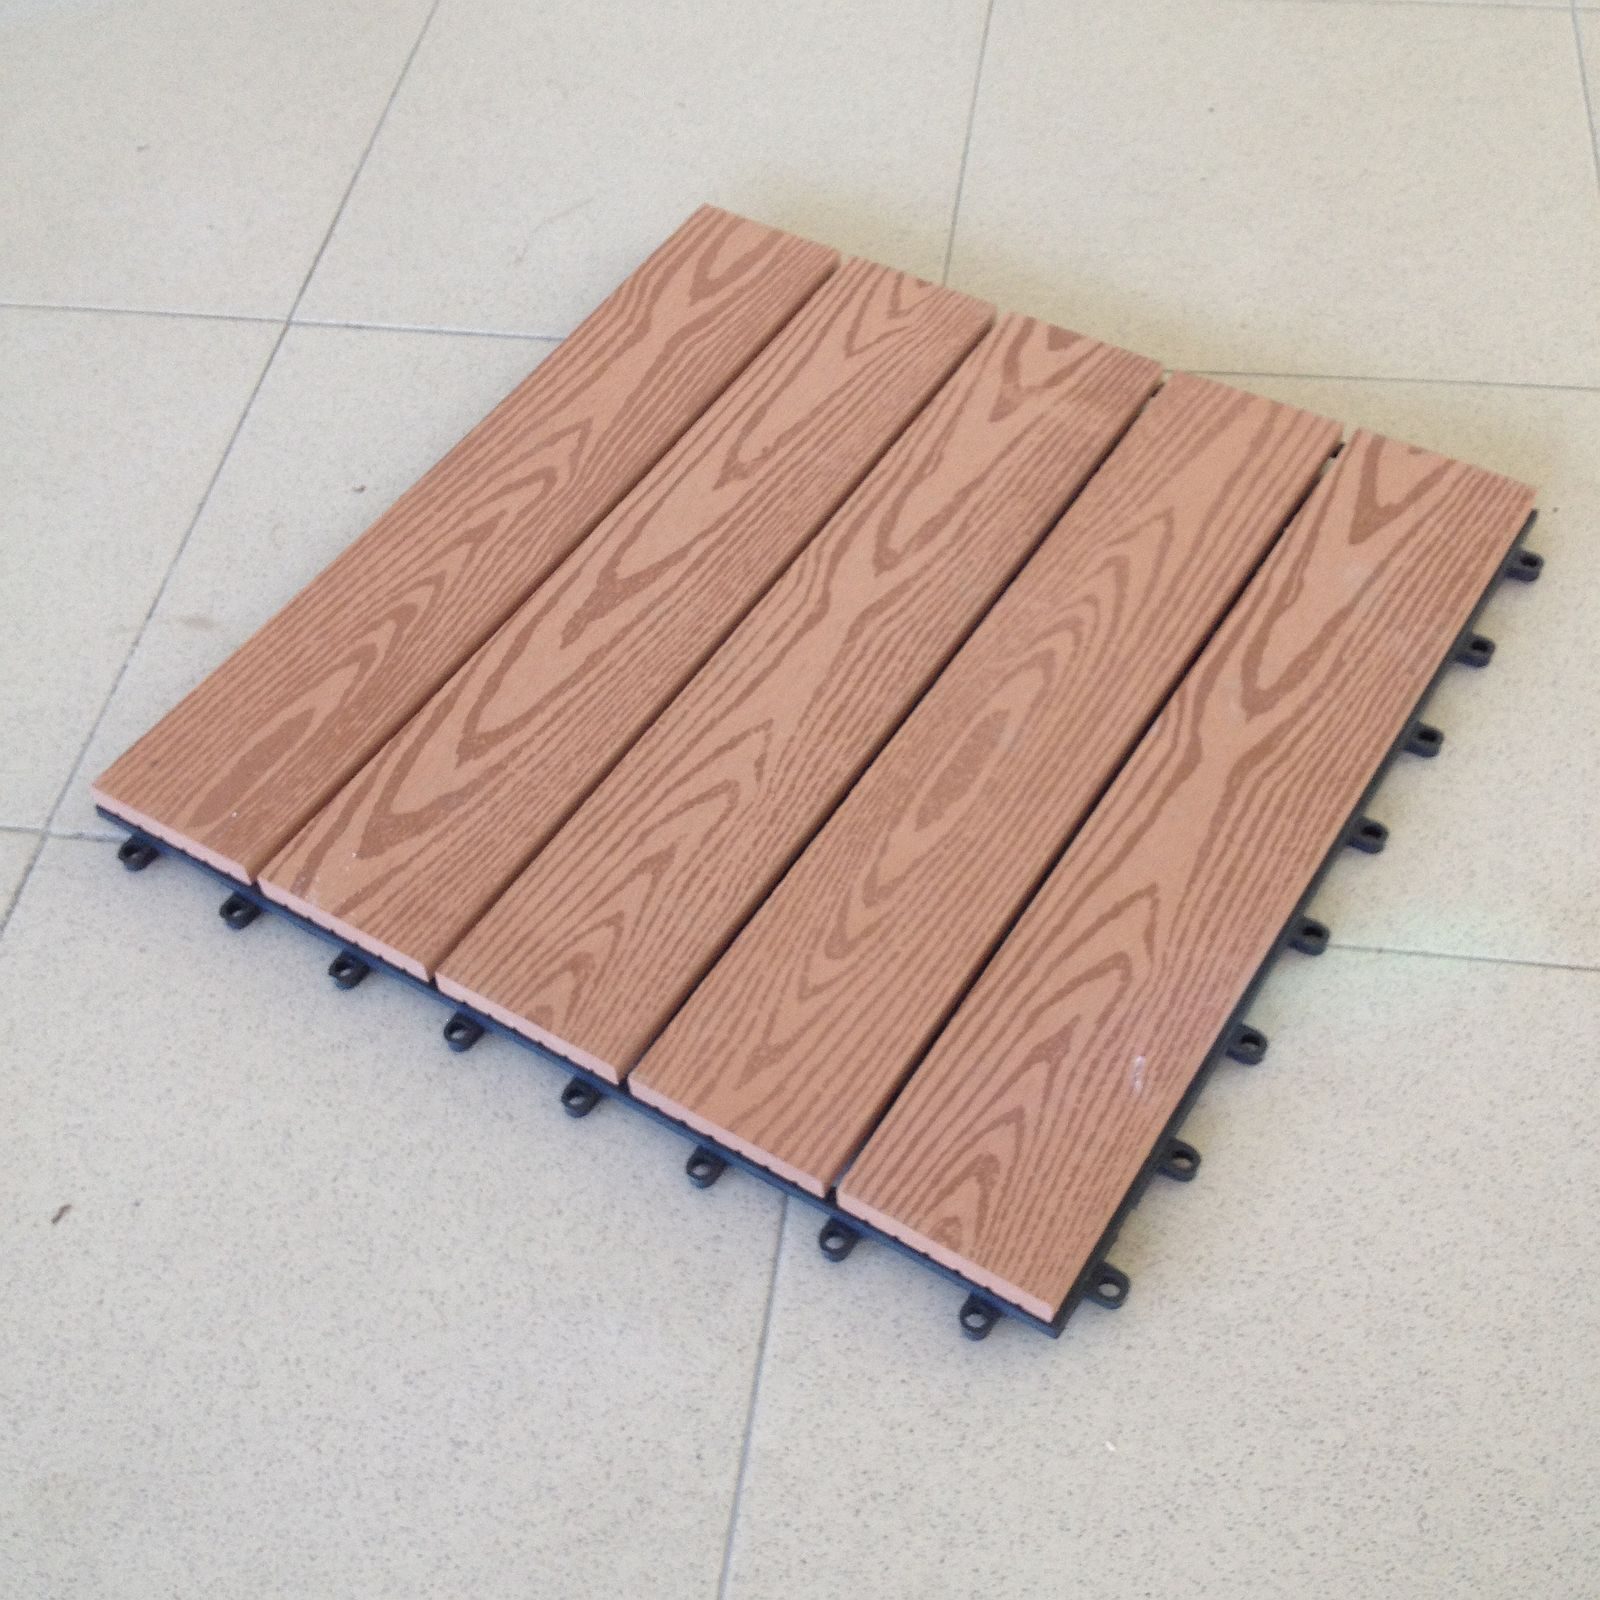 Pavimenti In Pvc Ad Incastro campione- di mattonella in wpc cm. 40x40 legno composito